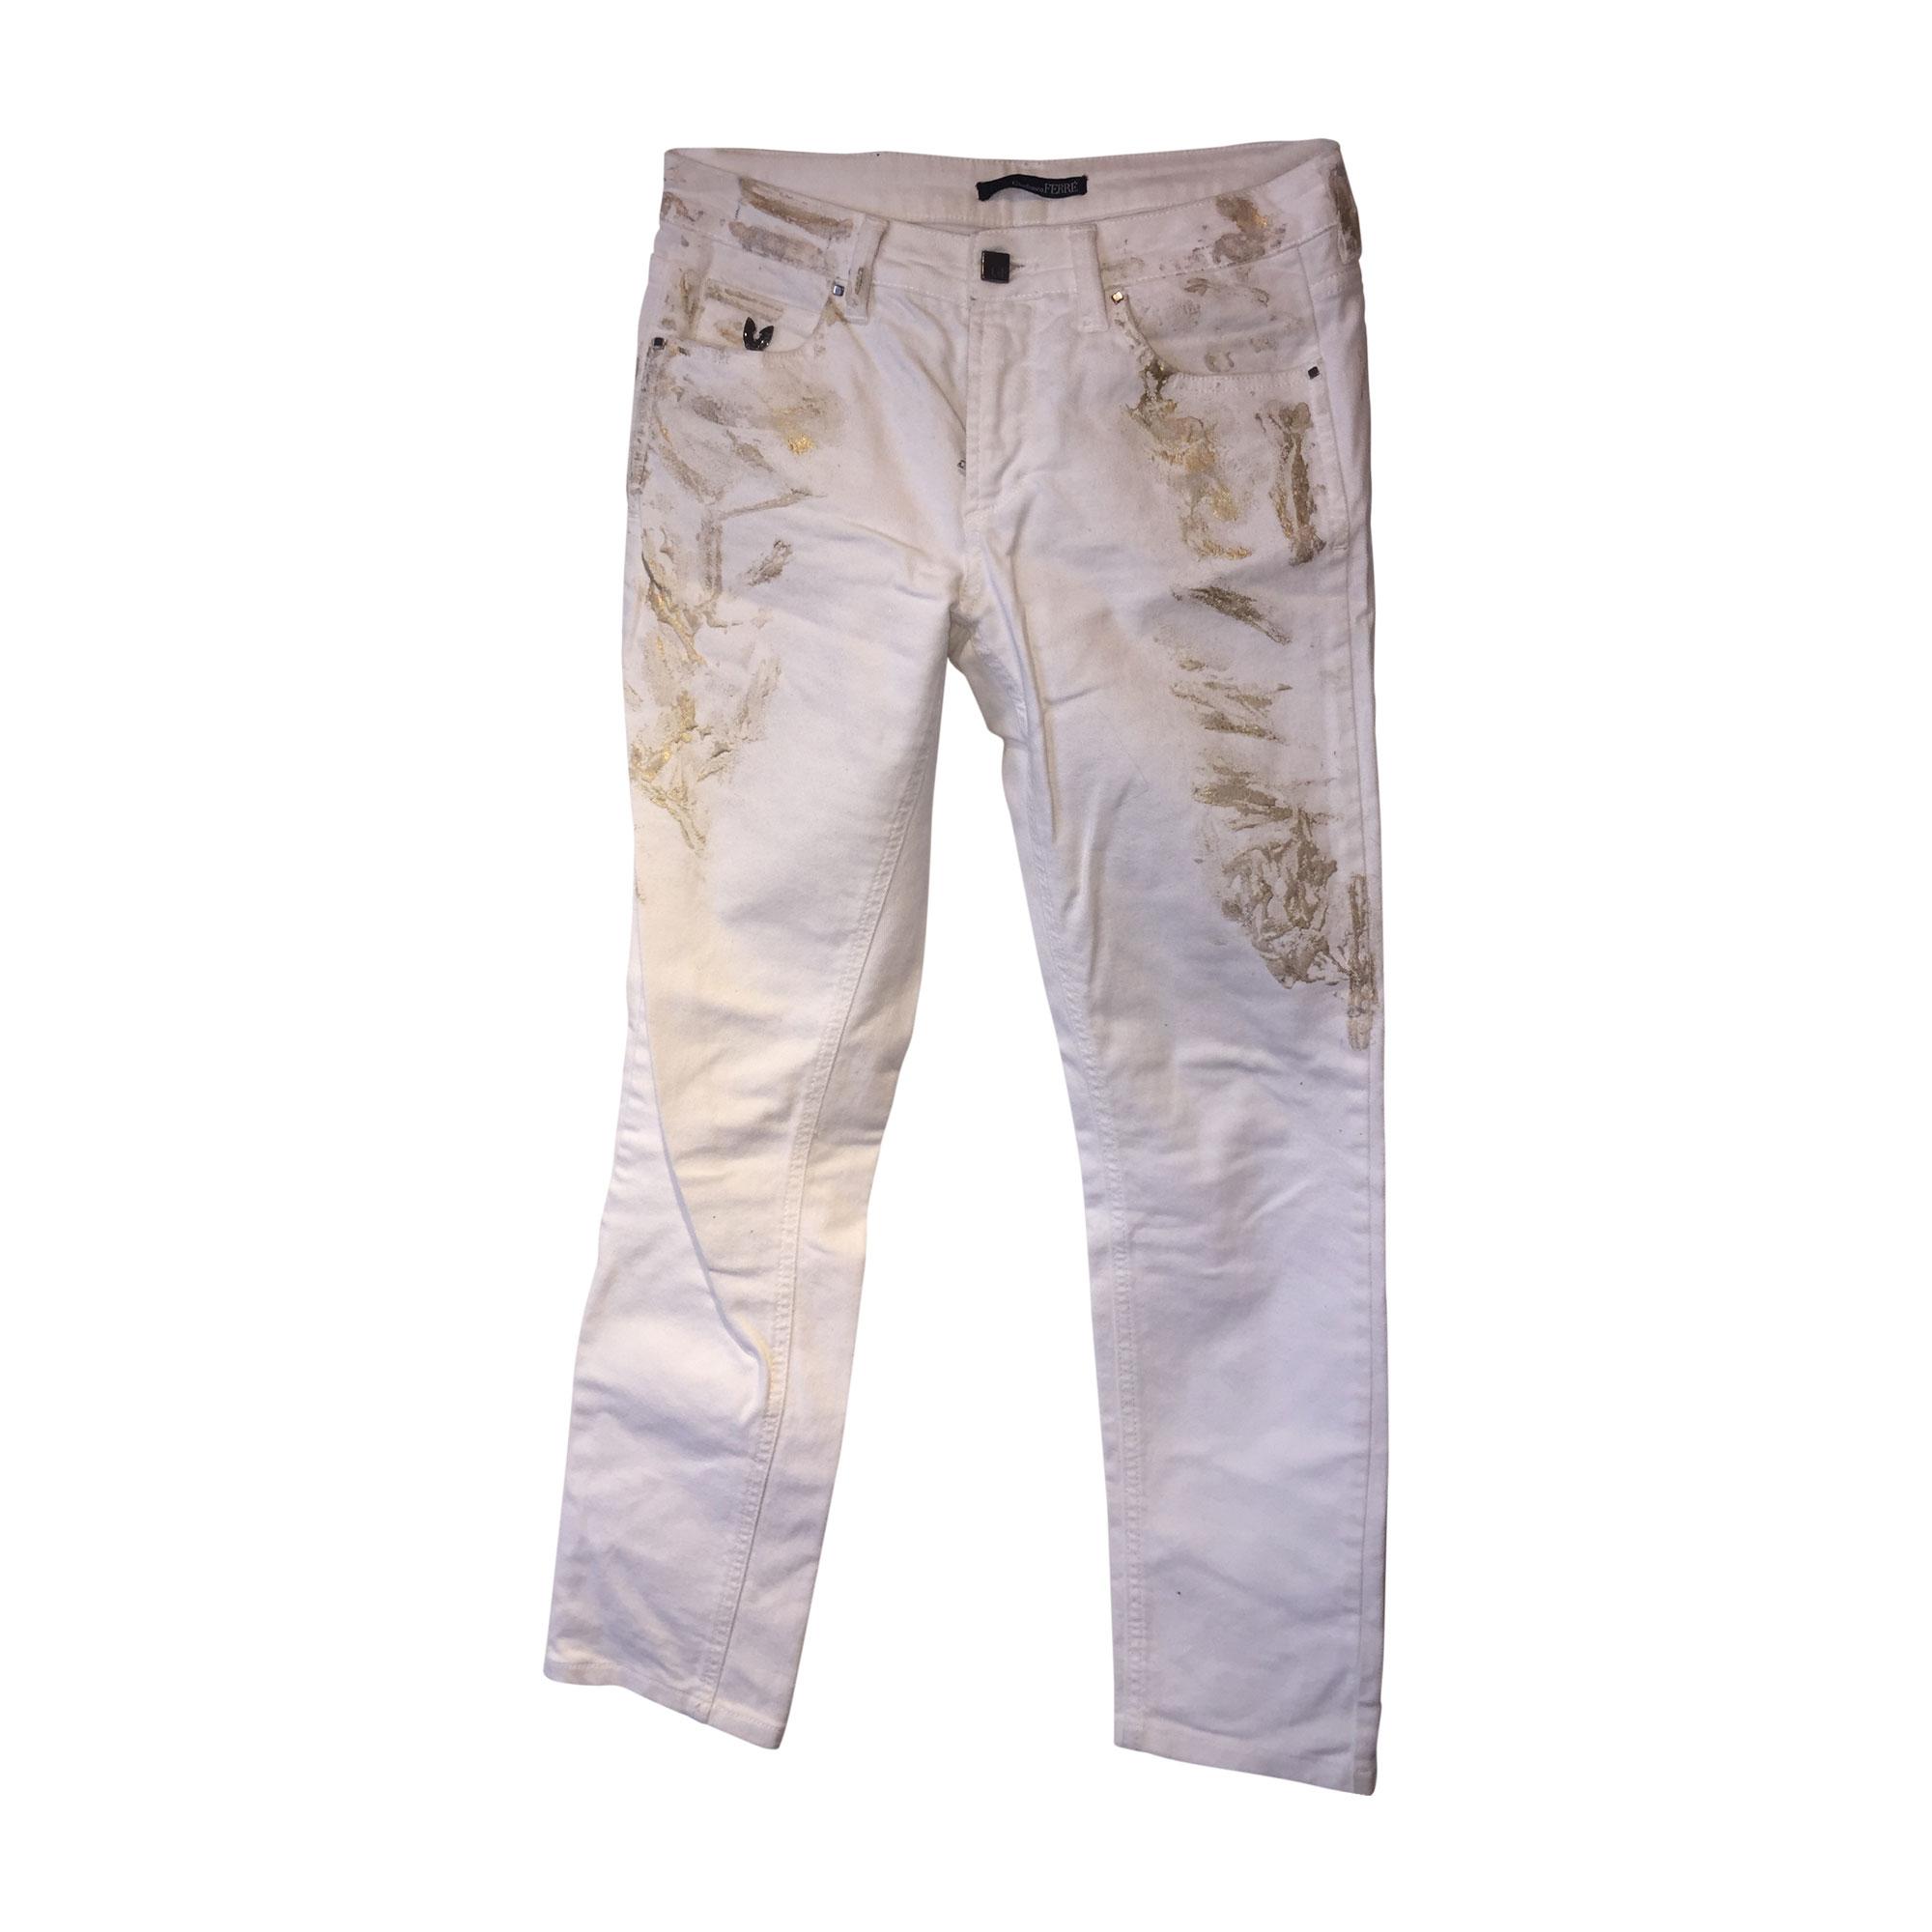 Jeans droit GIANFRANCO FERRE Blanc, blanc cassé, écru